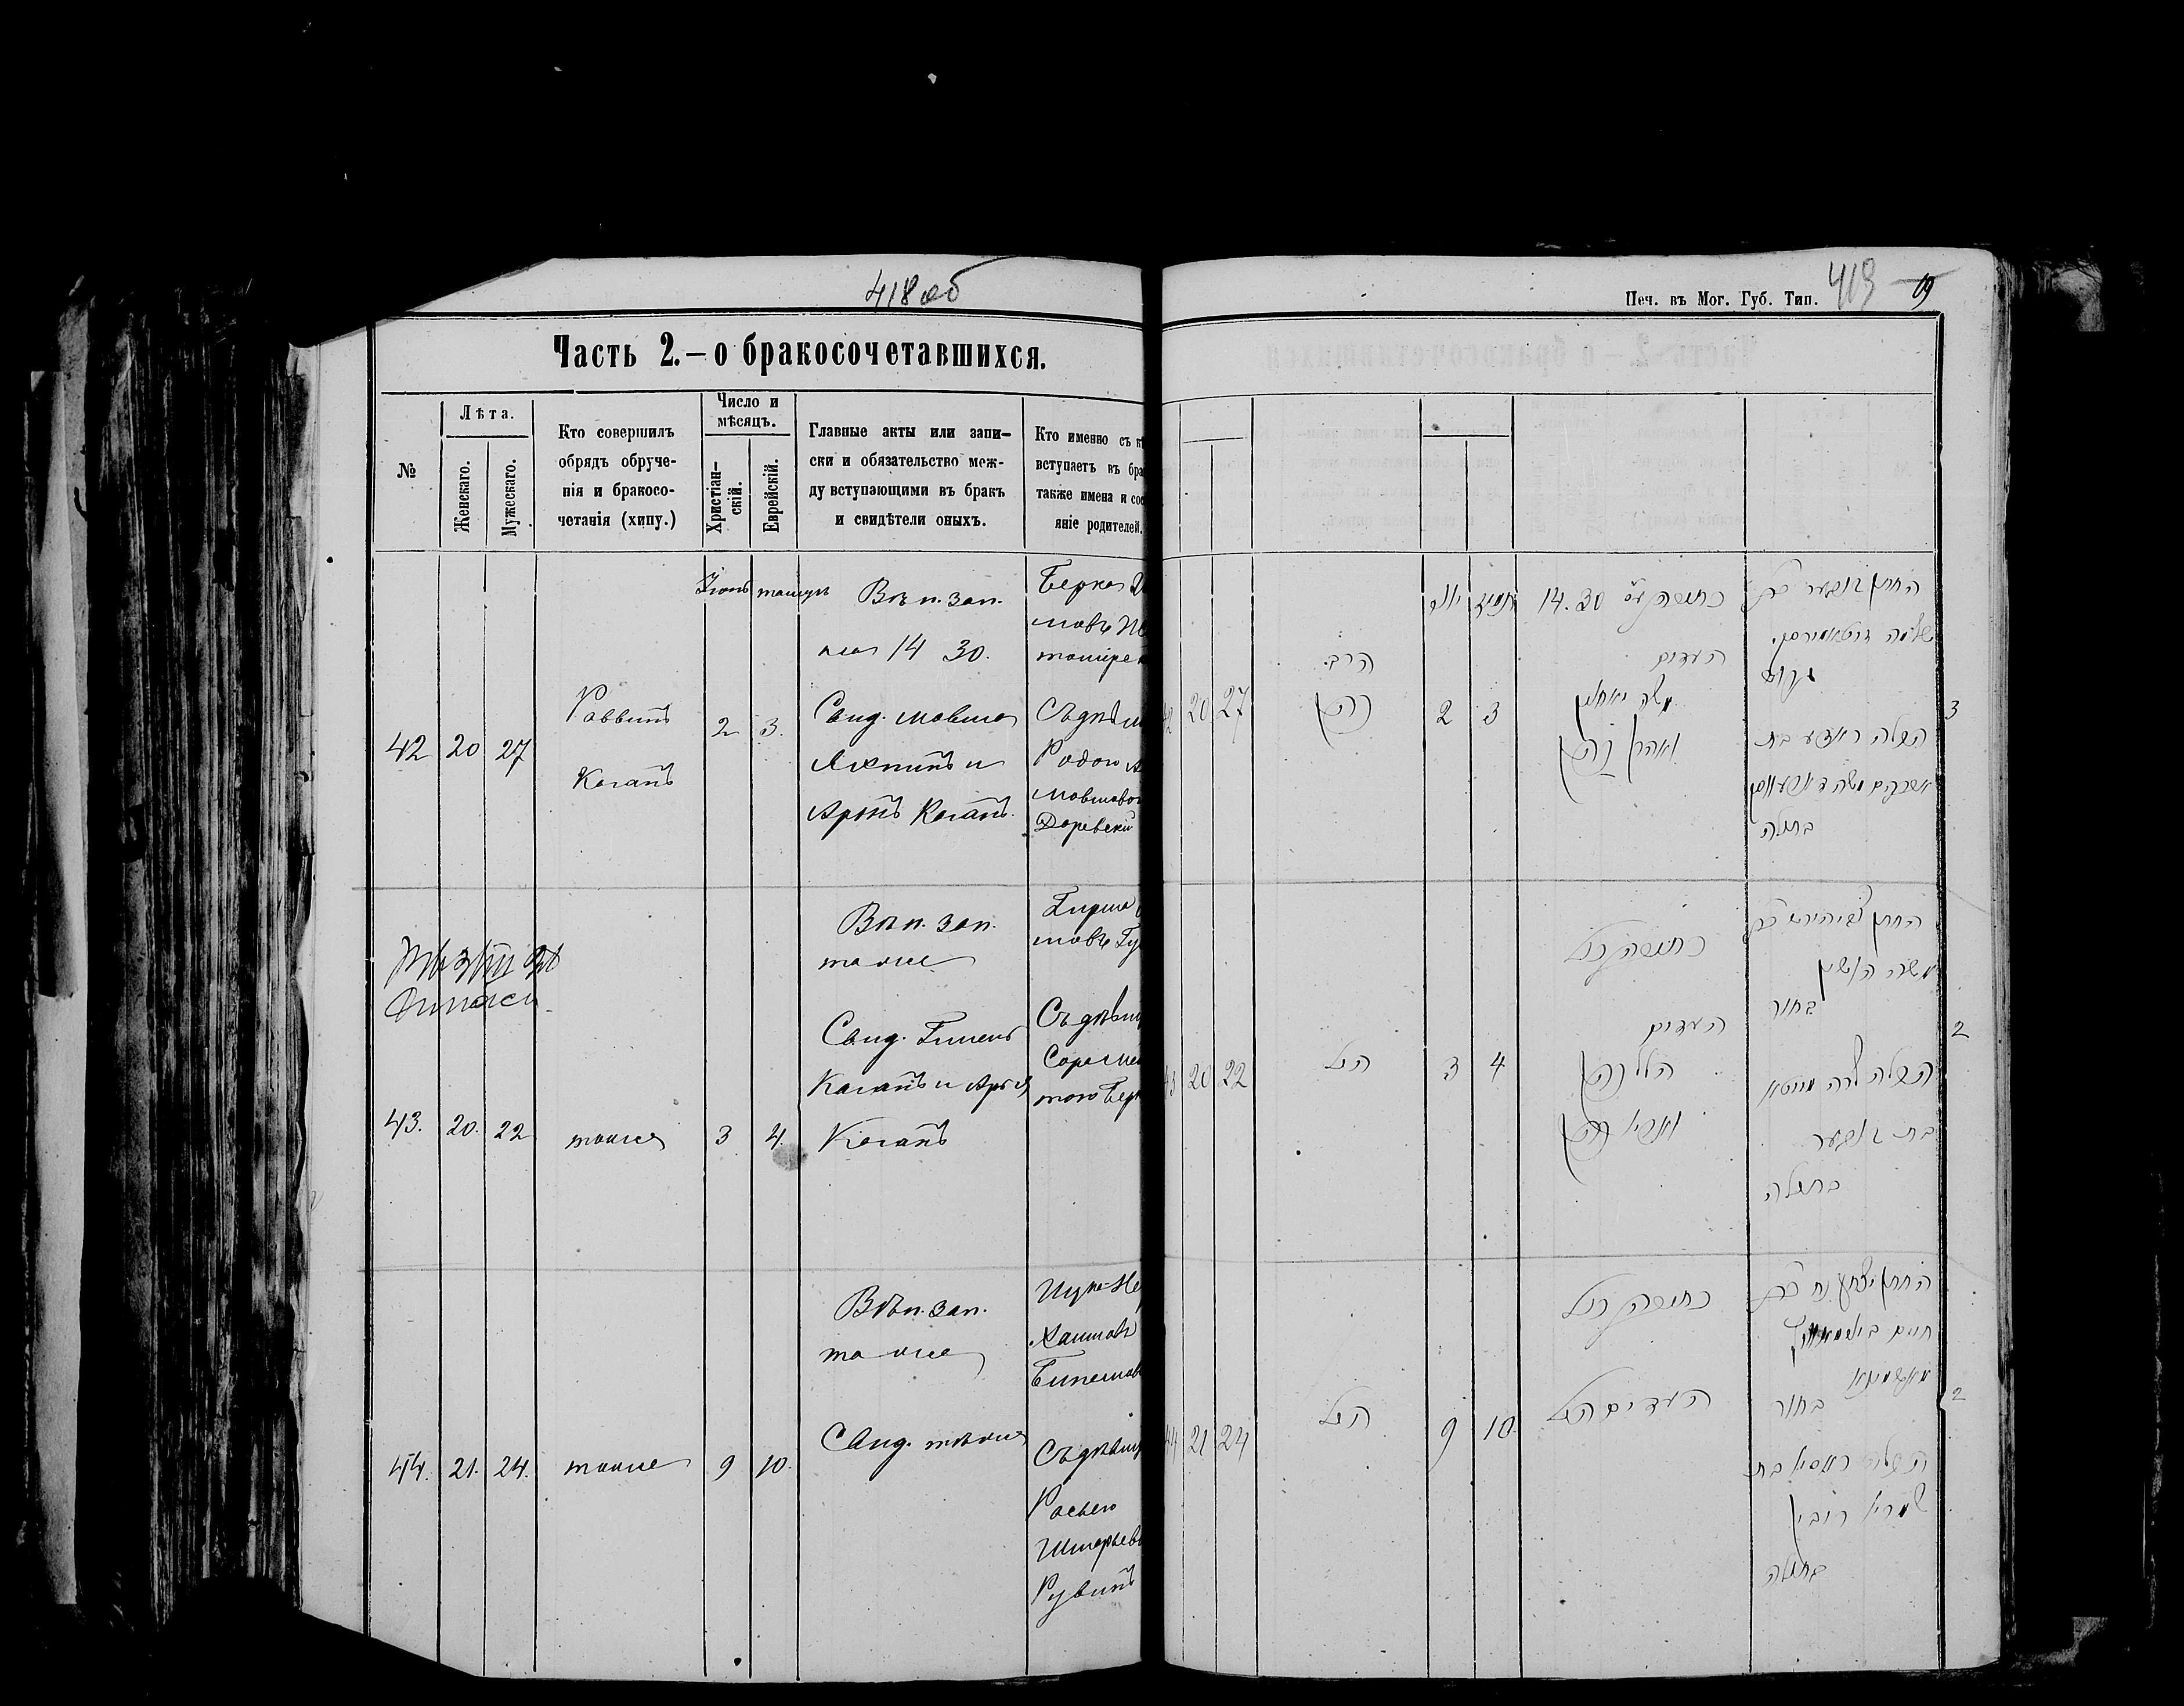 Берка Шлемовчи Житомирский с Родой Абрам-Мовшевной Даревской 2 июня 1877, запись 42, пленка 007766479, снимок 795